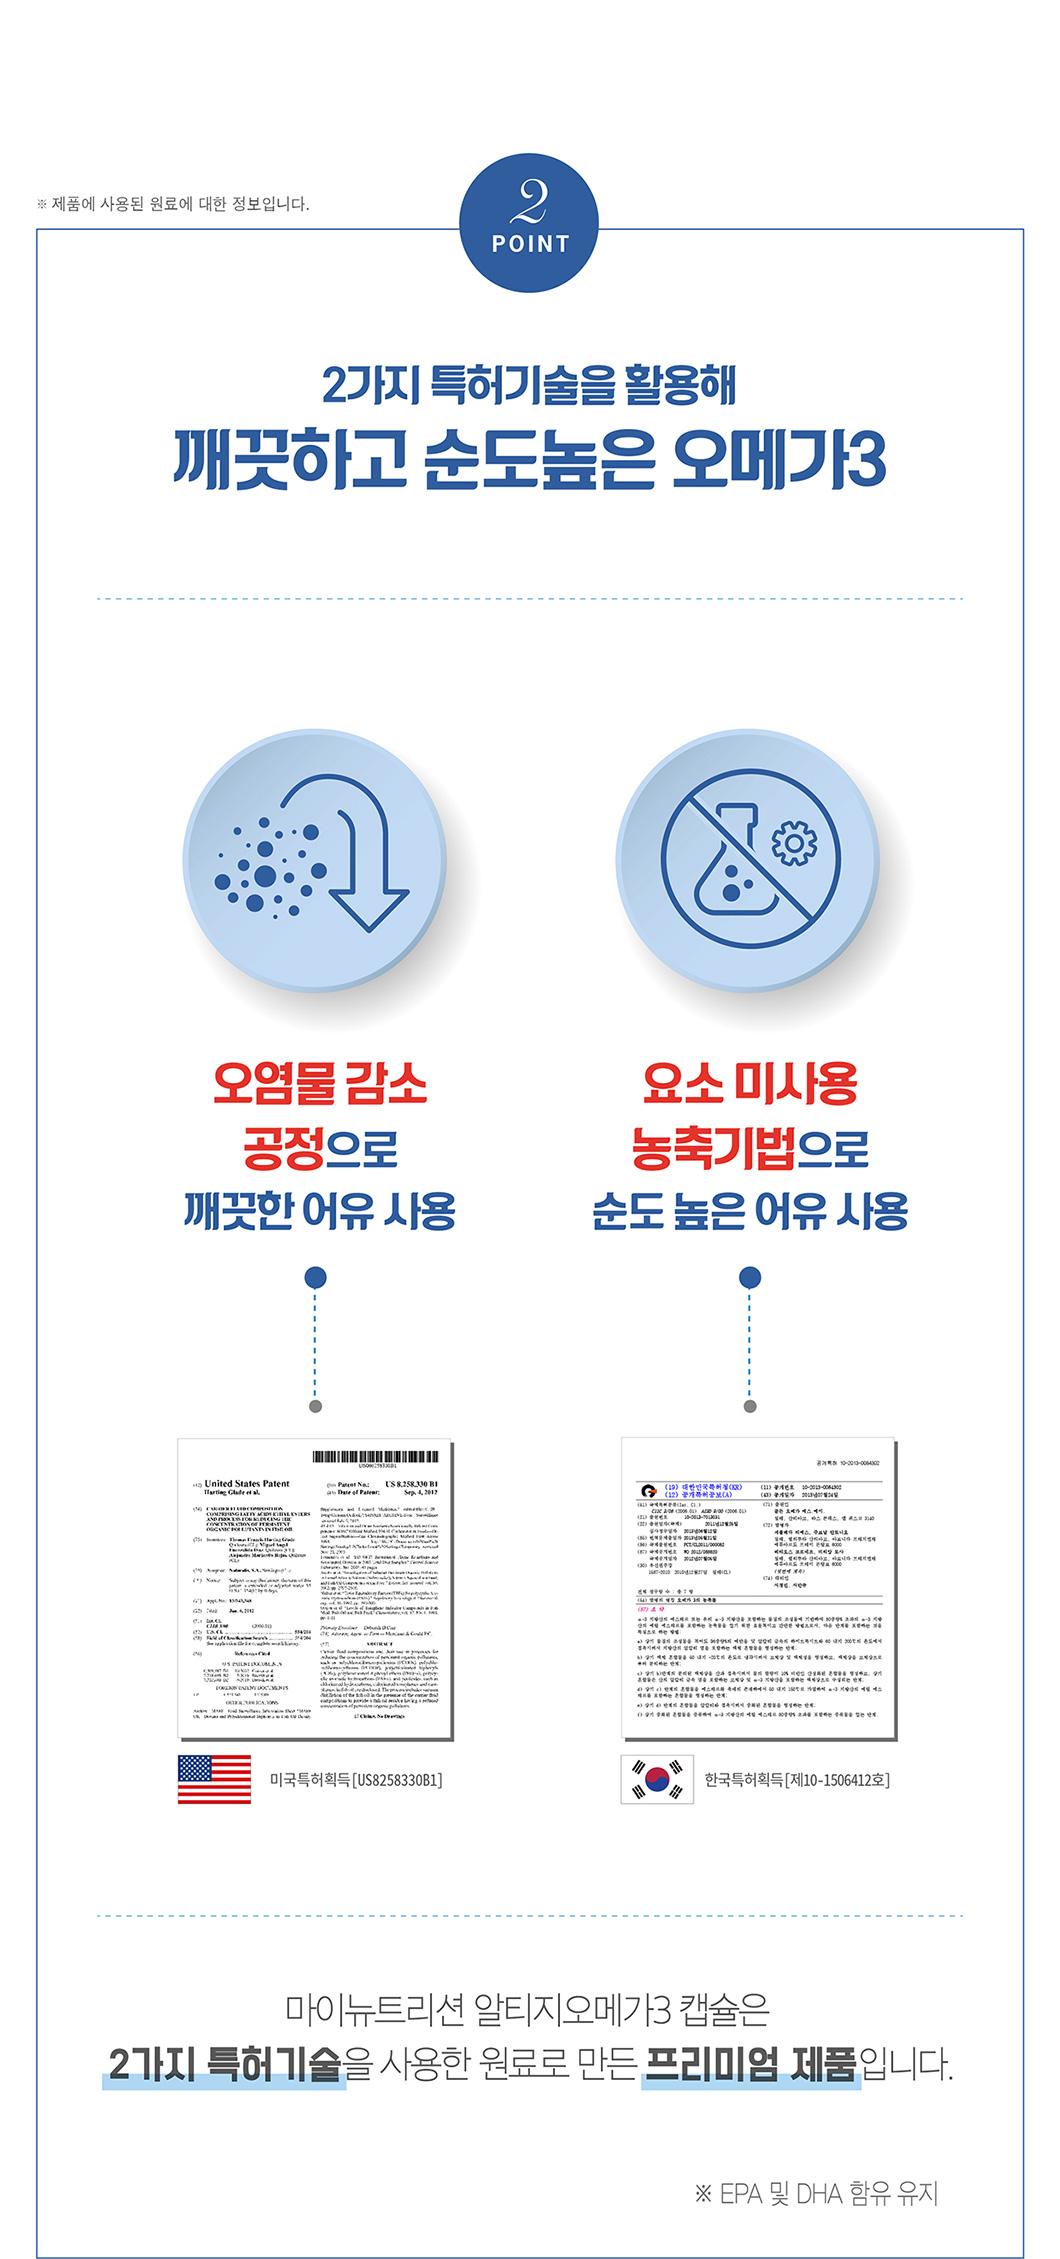 [대상웰라이프]-마이뉴트리션-RTG오메가3-(30캡슐)_03.jpg